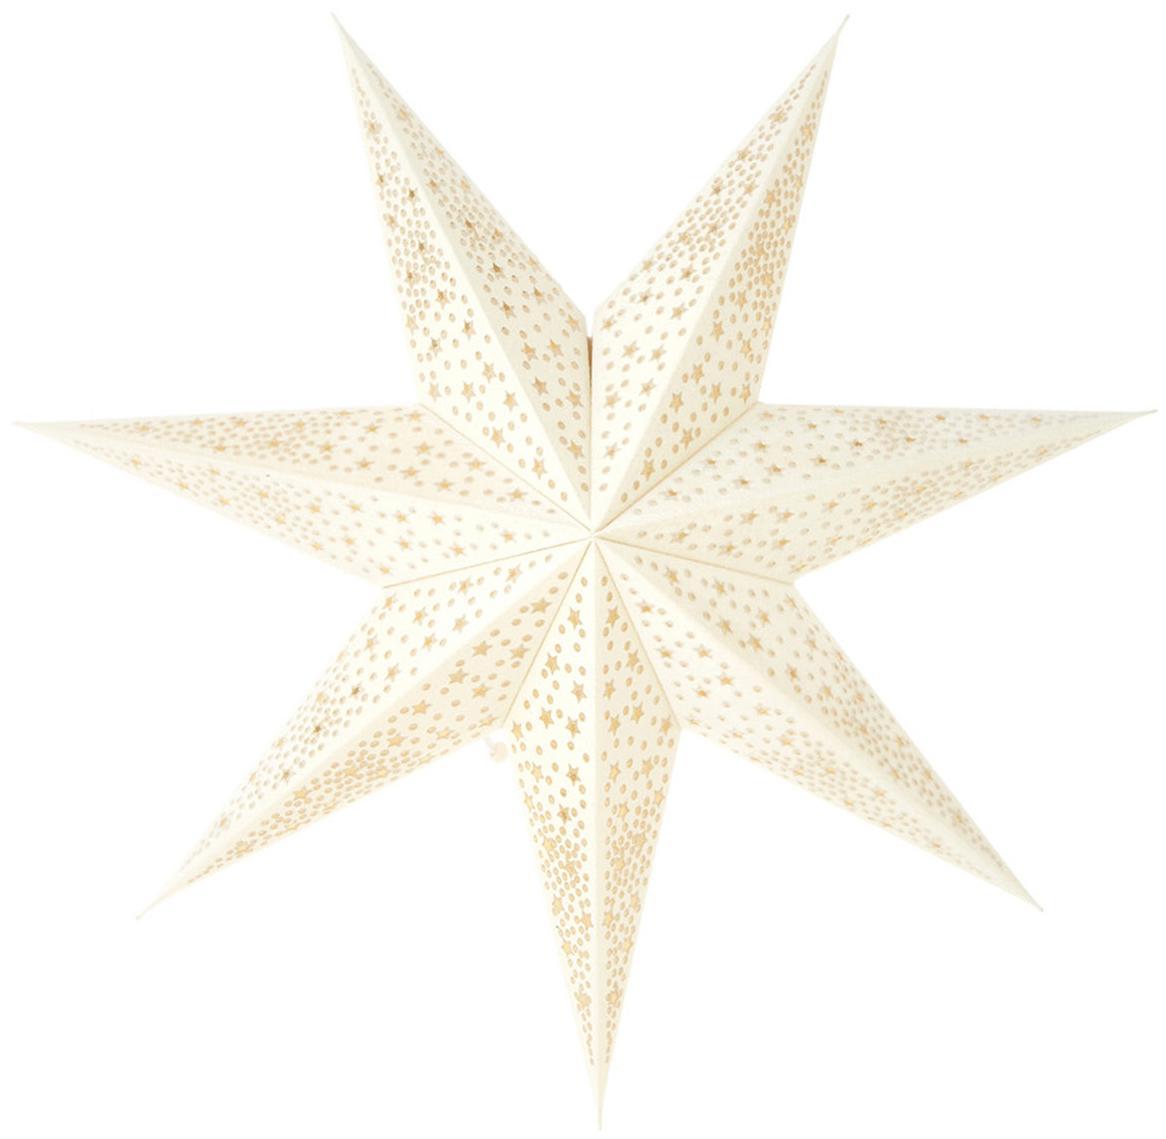 Samt-Weihnachtsstern Orby, Papier, Samt, Cremeweiß, Goldfarben, Ø 45 cm